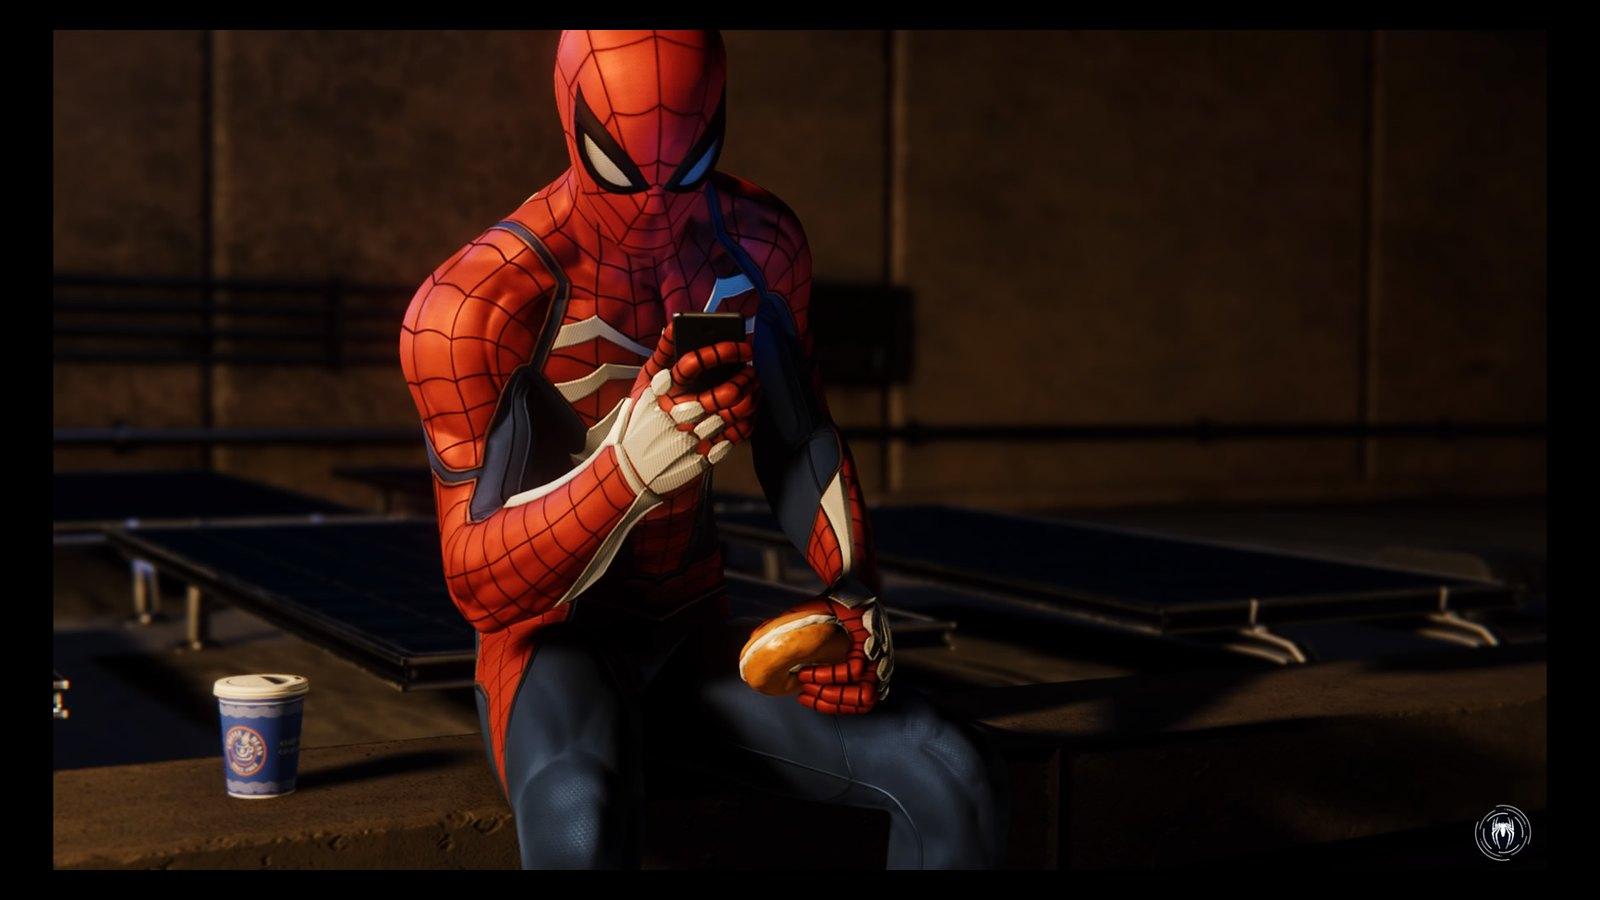 Zirnekļa cilvēks telefonā